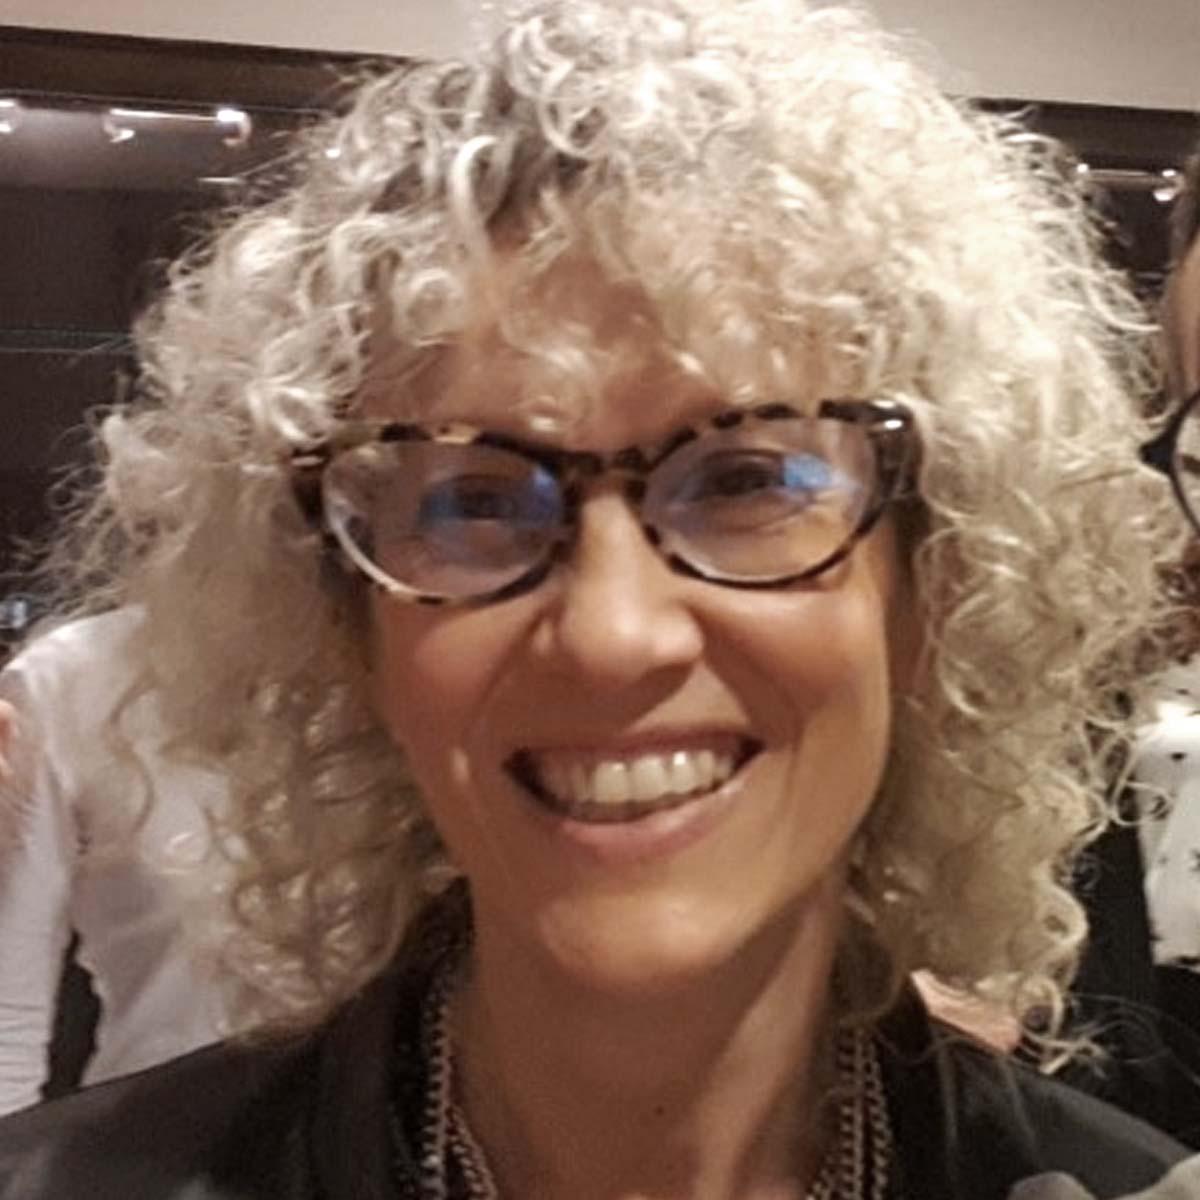 Manuela Visentin Divisione Scientifica